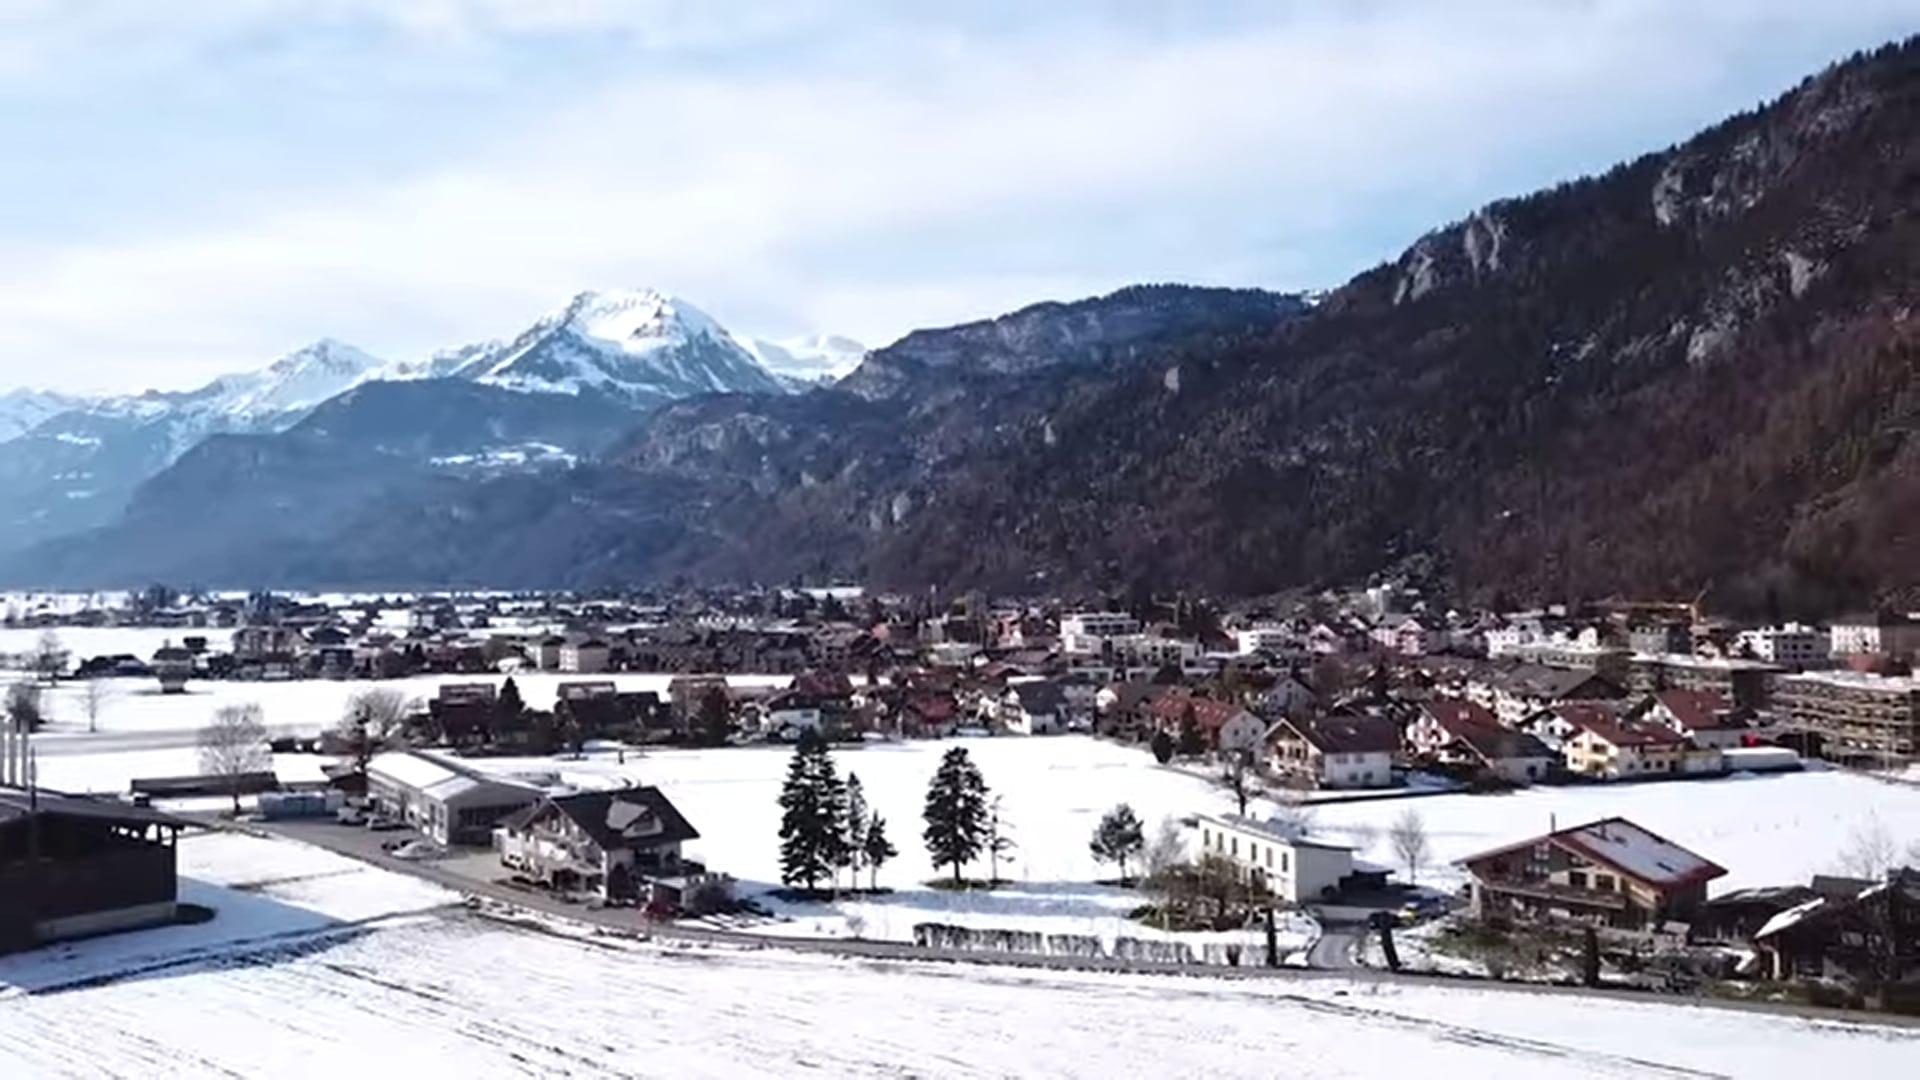 Cap sur la Coupe du monde de bloc de Meiringen, en Suisse, pour lancement la saison internationale d'escalade 2021